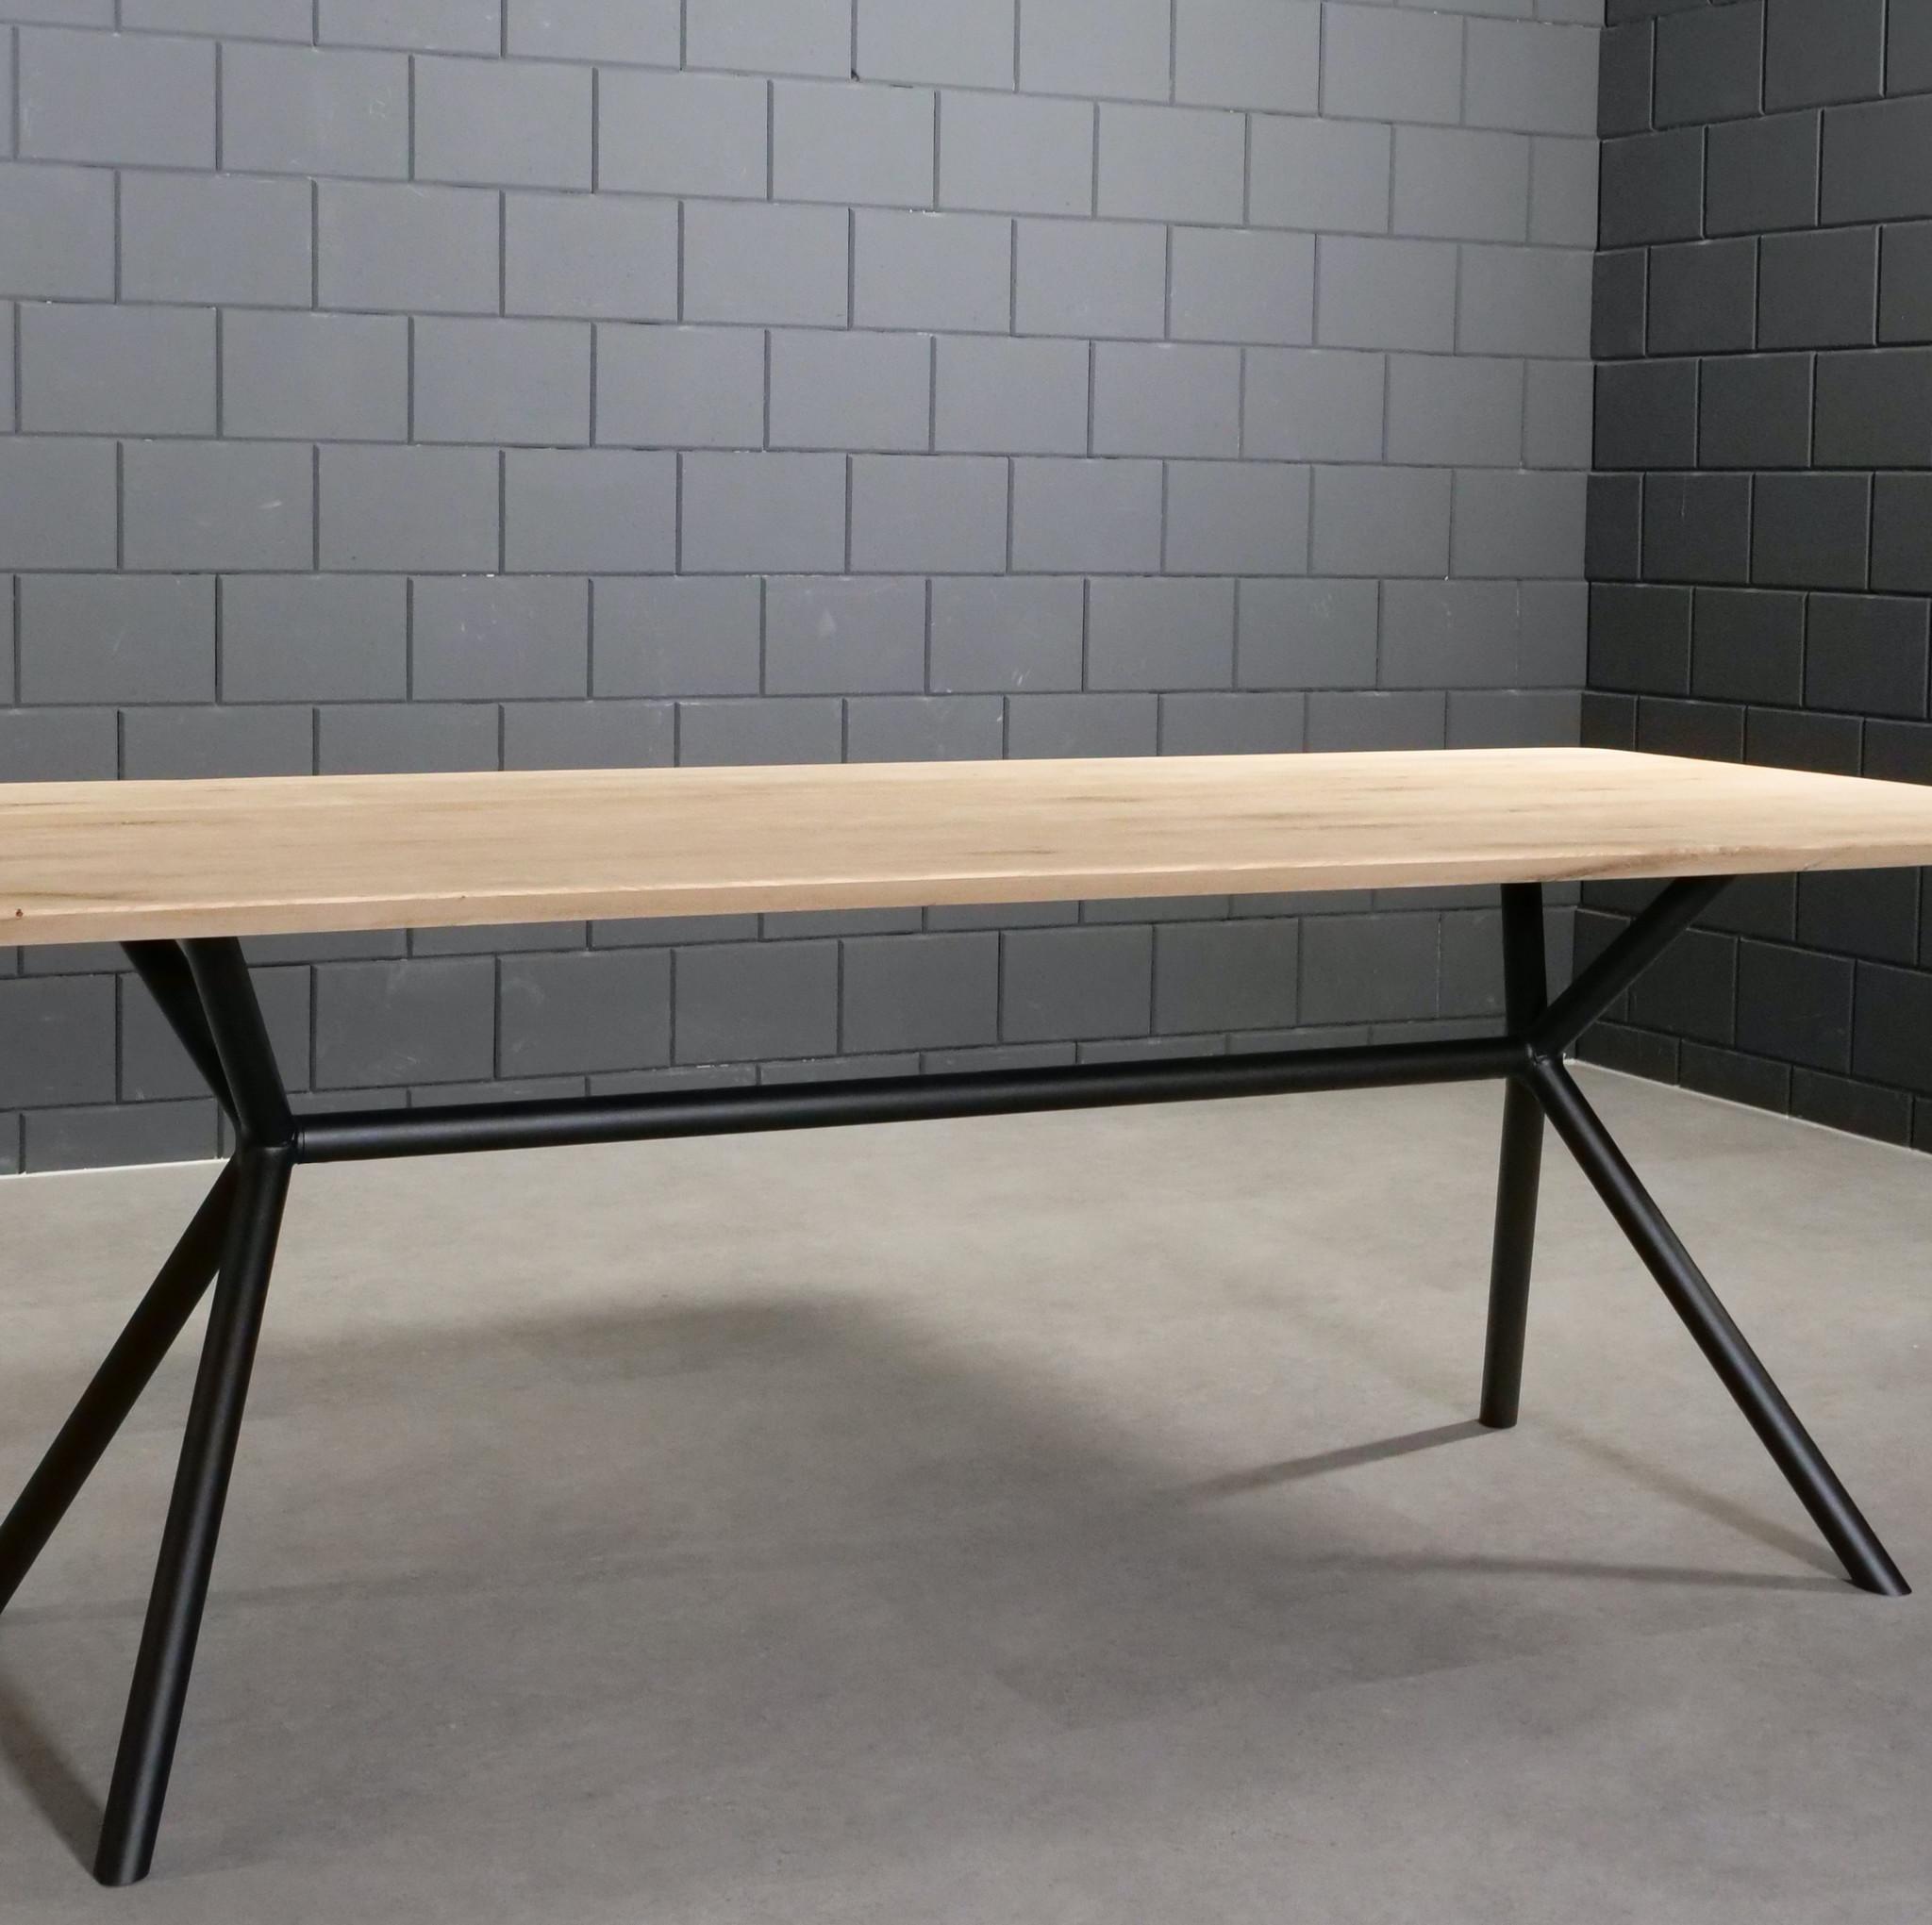 Tischgestell Metall 3D X-Beine Frame rund - 3-Teilig - 4,2 cm - 70x146 cm - 72cm hoch - Stahl Tischuntergestell - Rechteck - Beschichtet - Schwarz